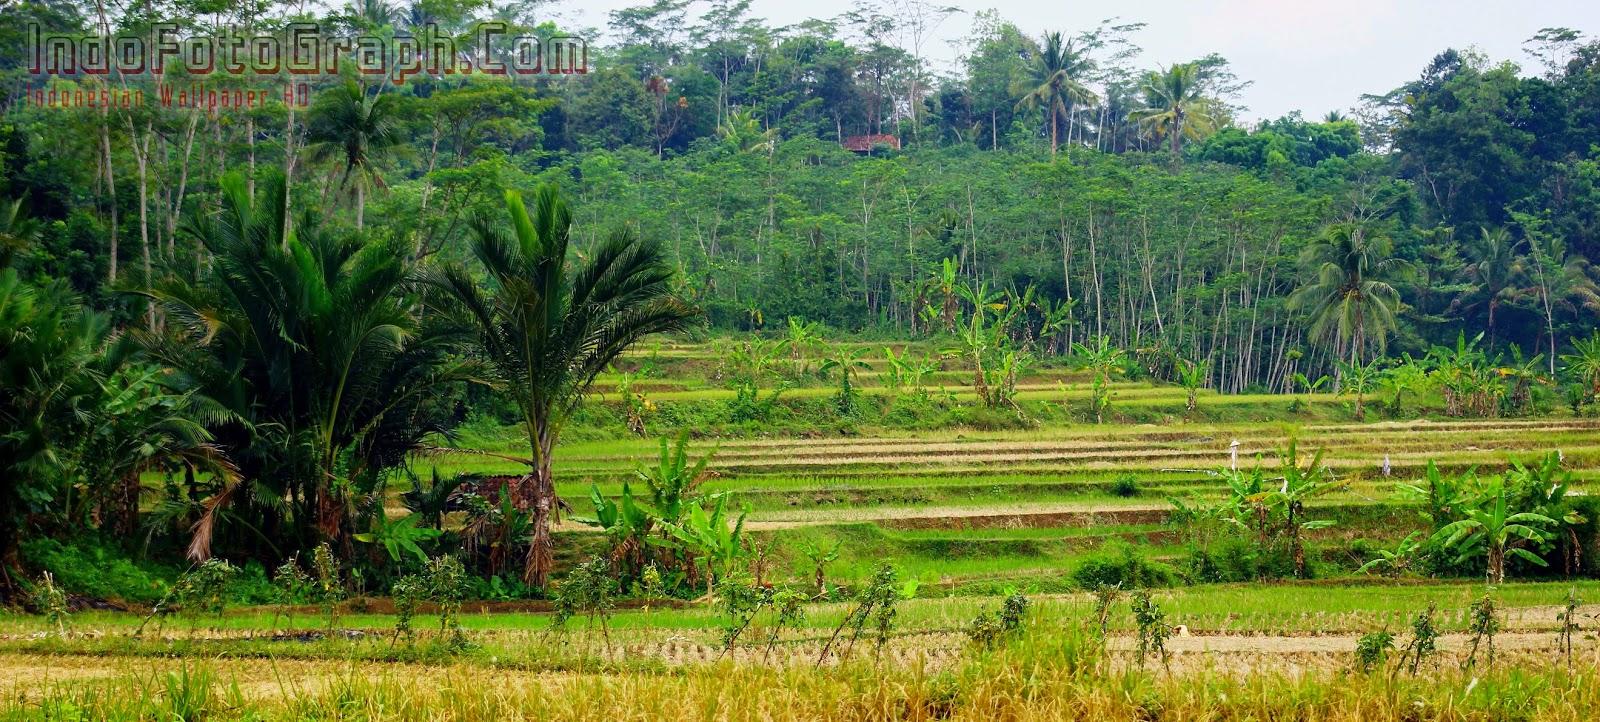 Download Wallpaper Pemandangan Alam Indonesia IndoFotographCom